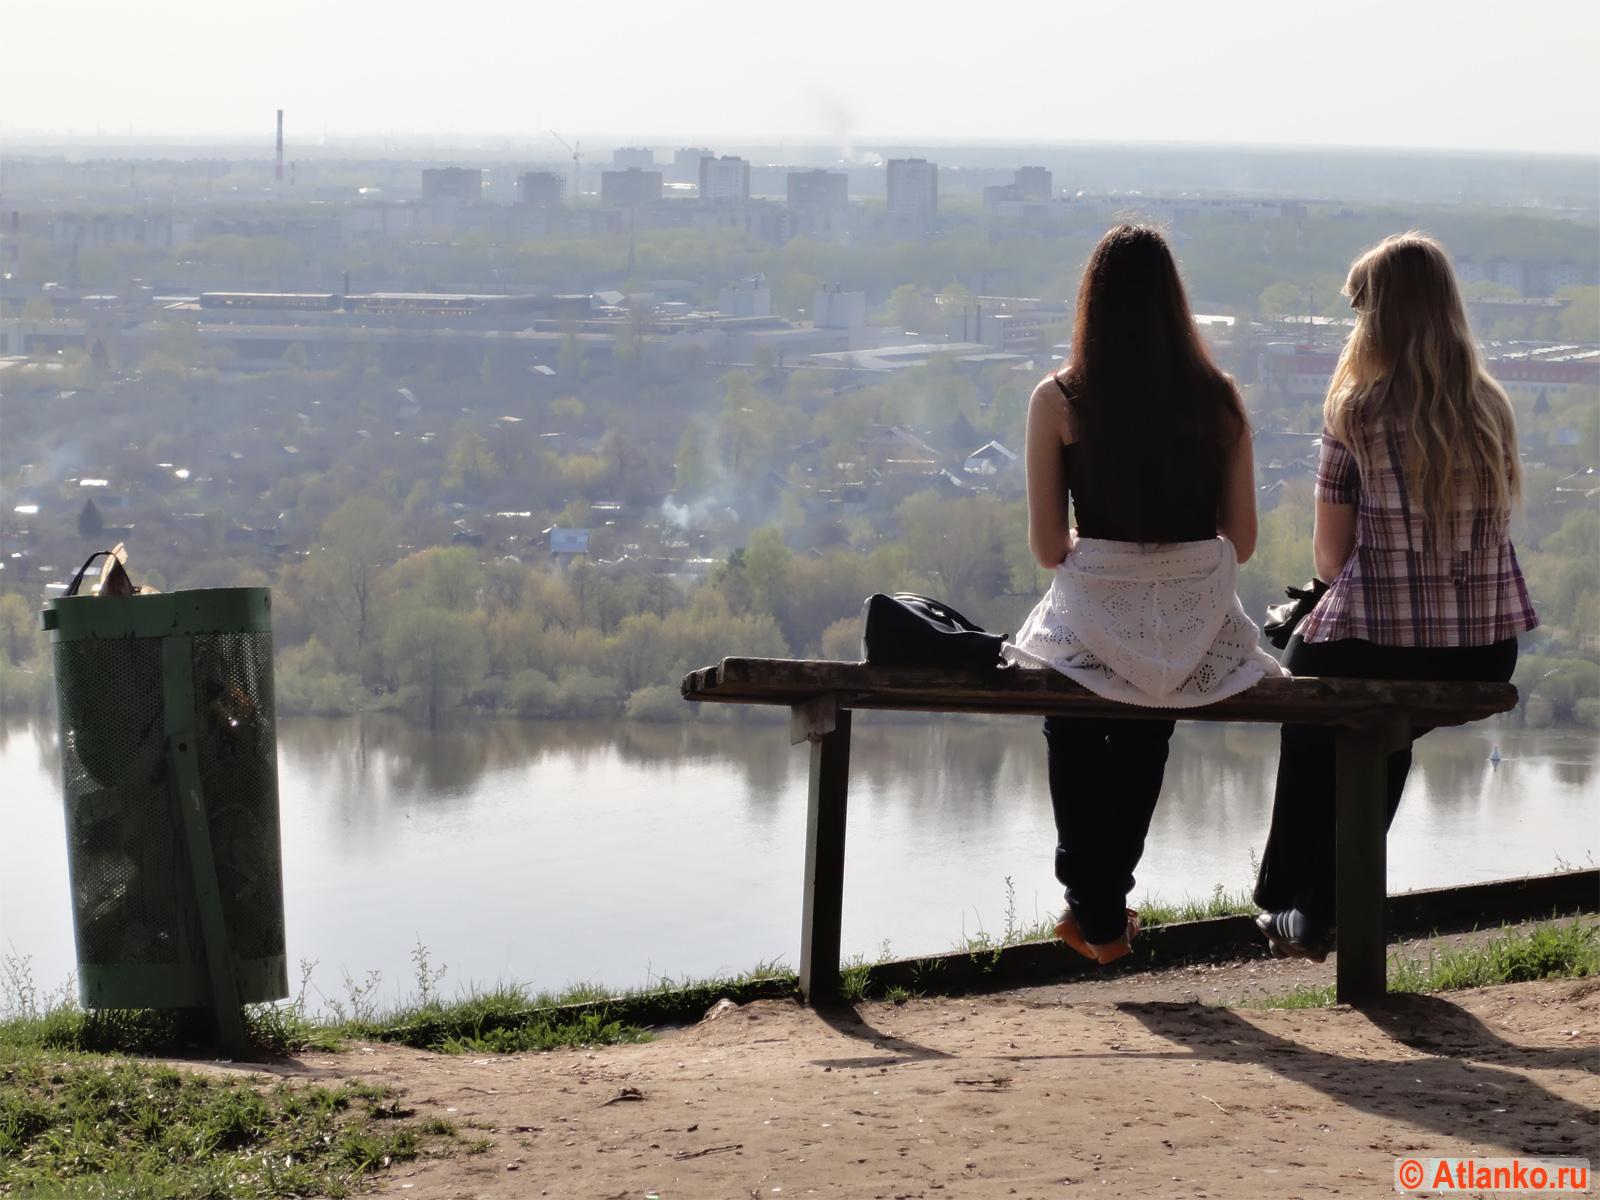 Сидят девчонки... на берегу реки в Нижнем Новгороде. Фотография. Интересное фото